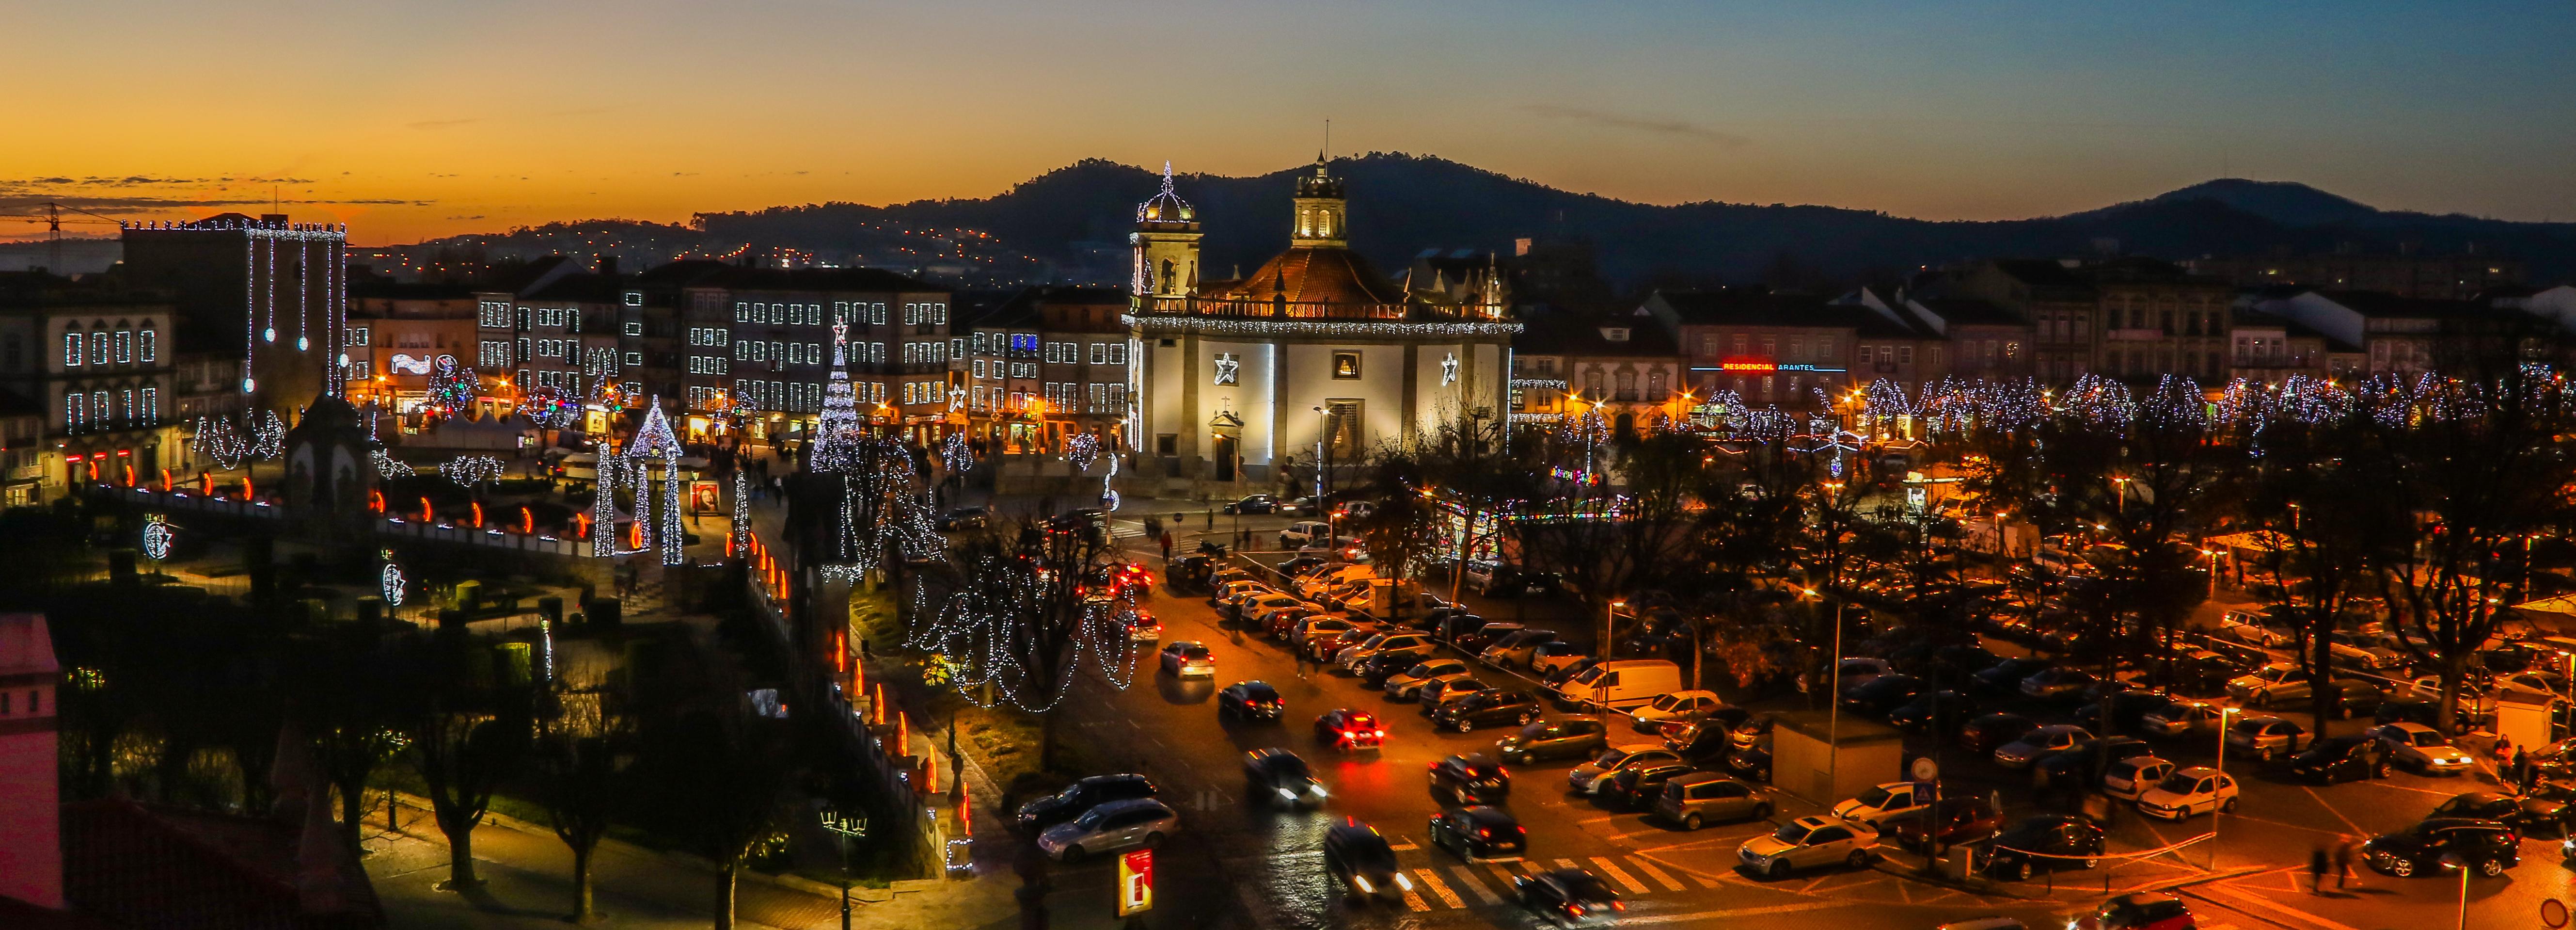 Barcelos Cidade Presépio atrai milhares às ruas da cidade